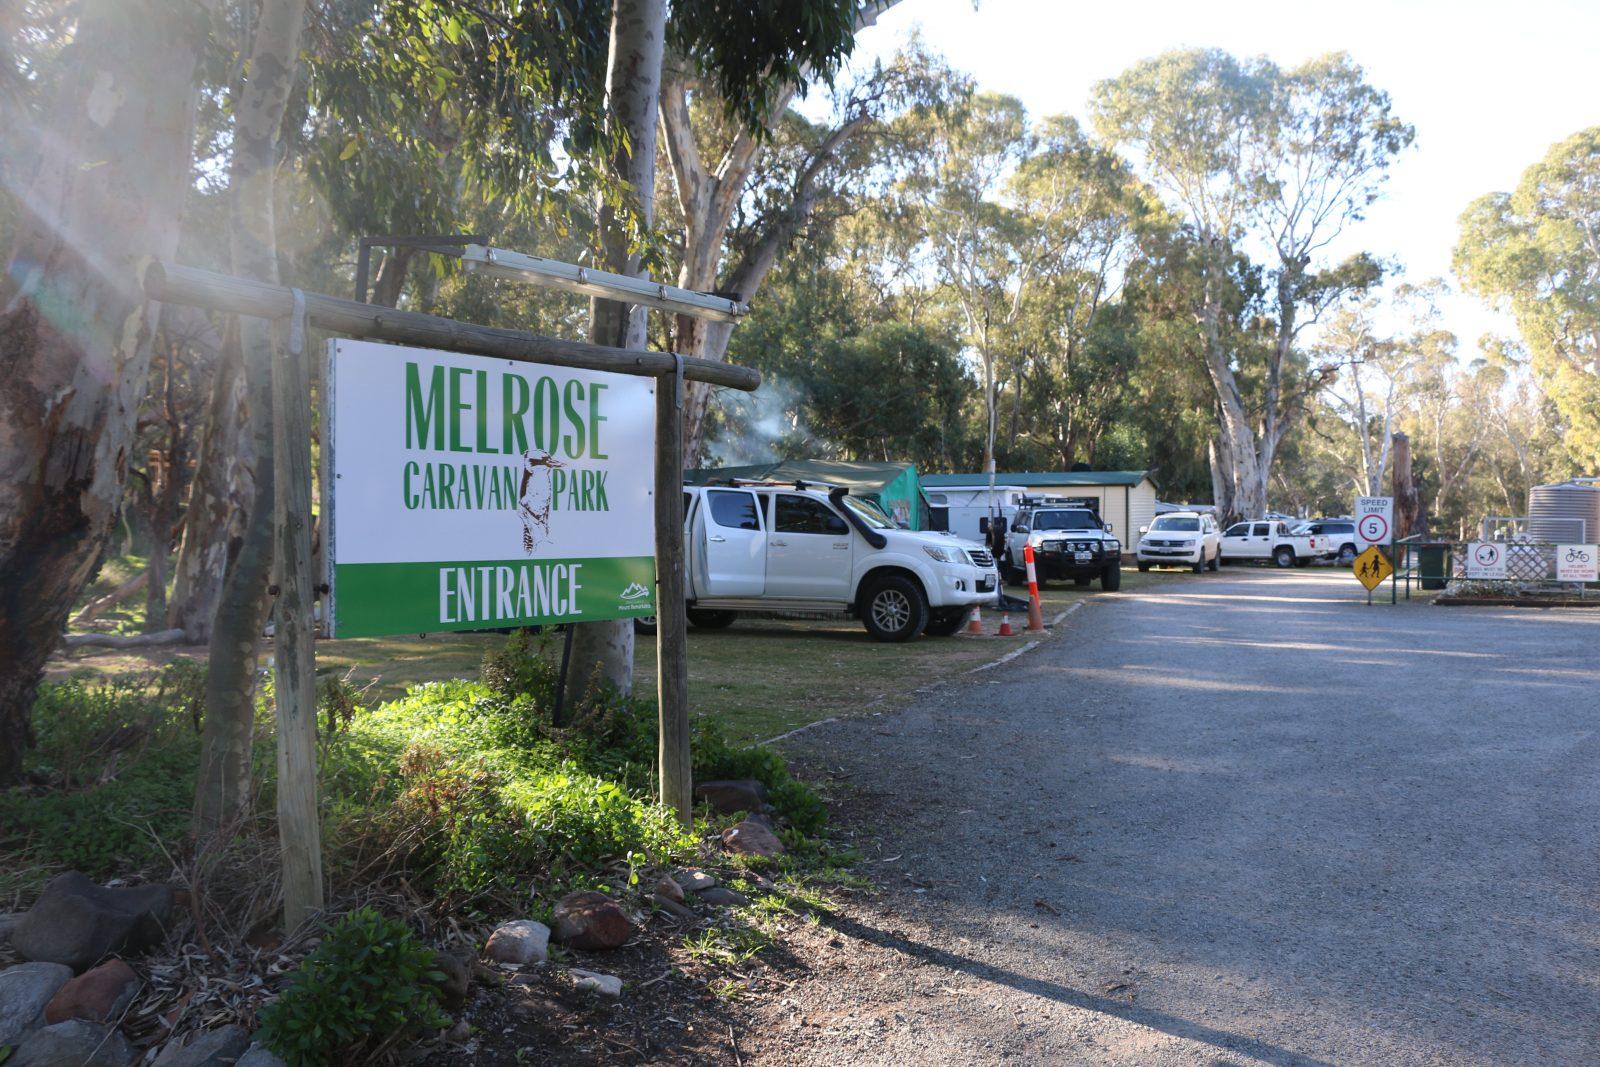 Melrose Caravan Park, Southern Flinders Ranges